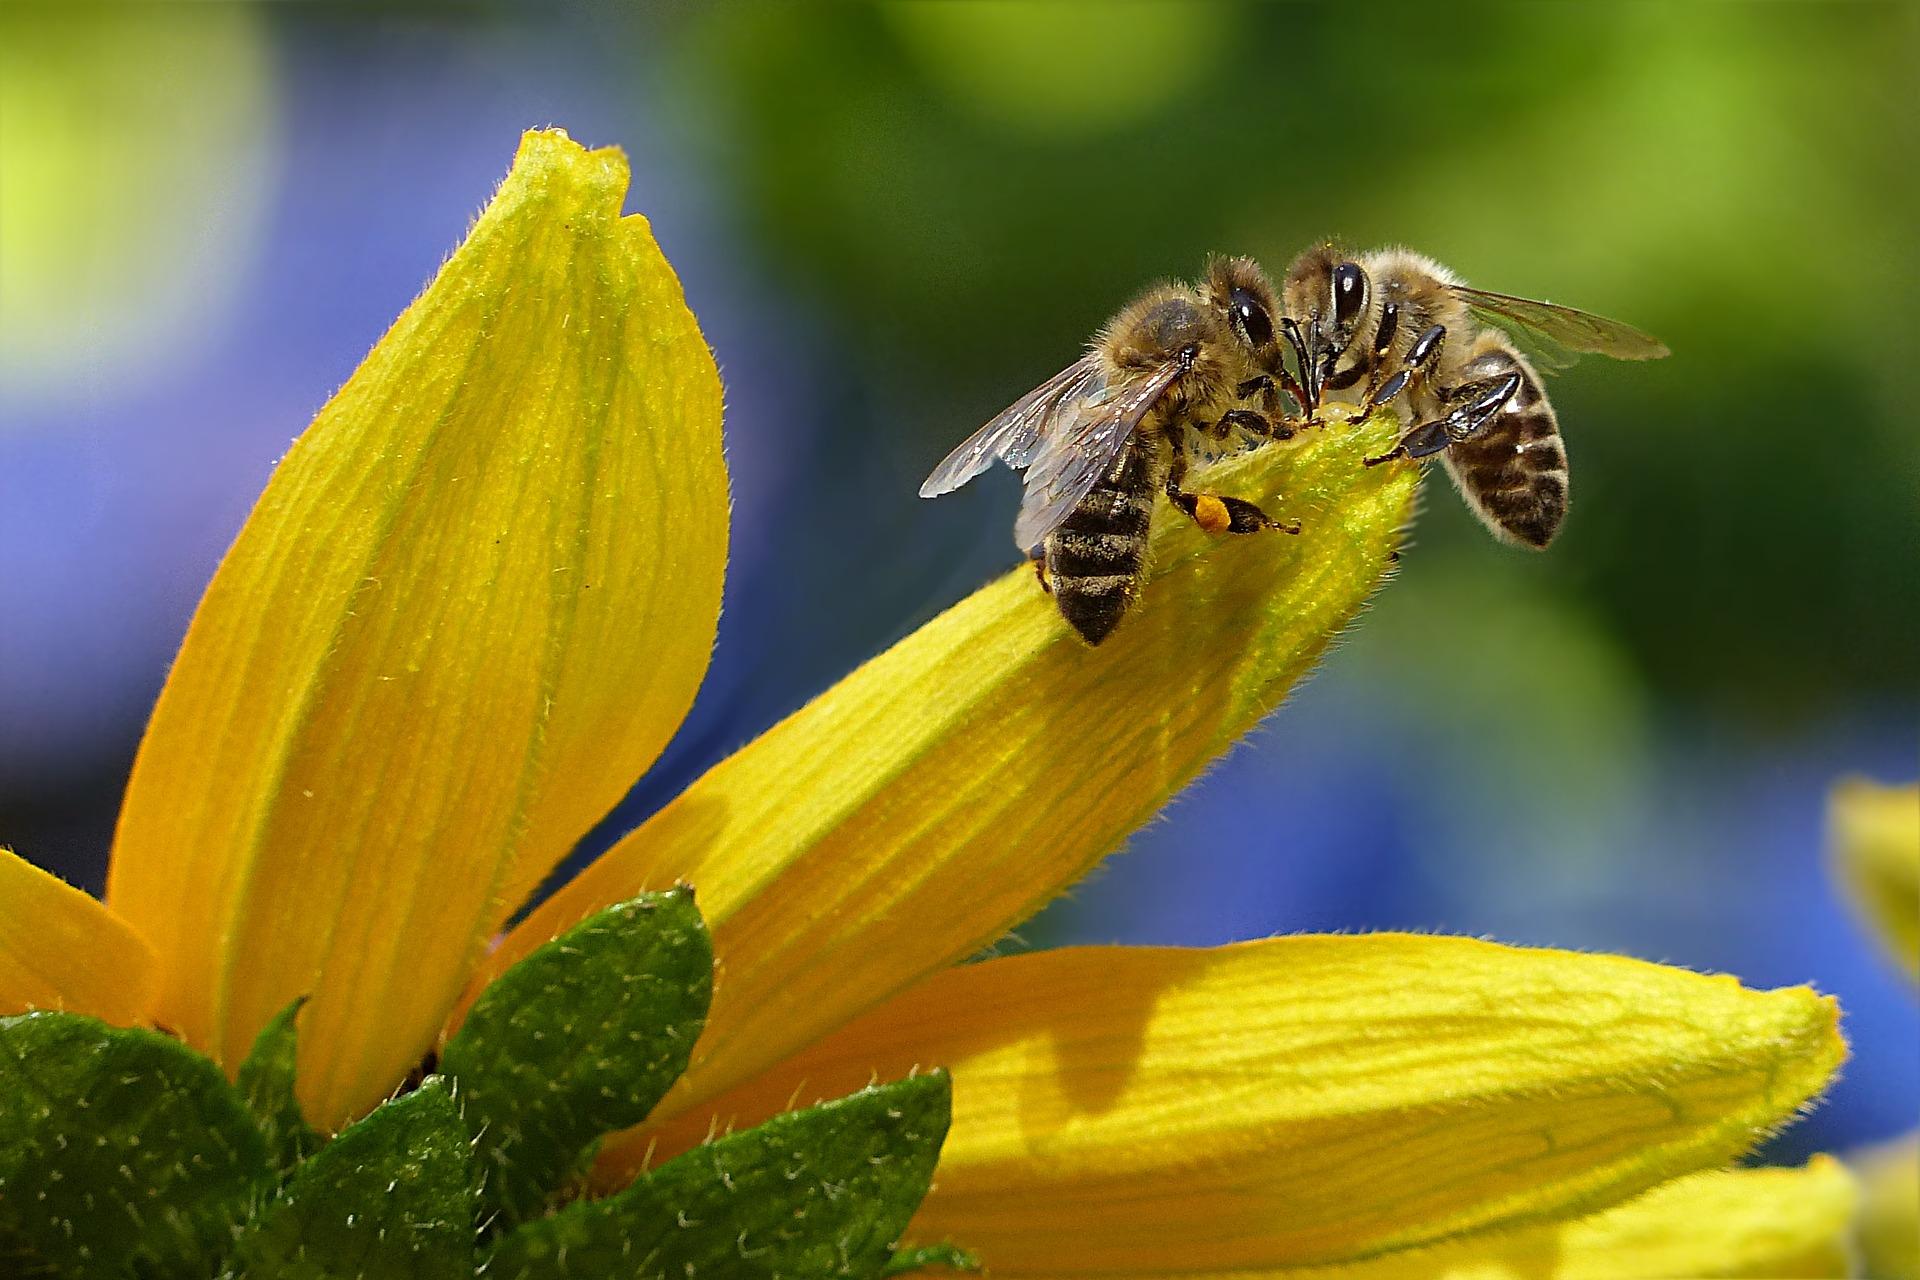 Insektizide werden eigentlich nicht gegen Nützlinge wie die Honigbiene eingesetzt, trotzdem leiden sie unter dem Einsatz.